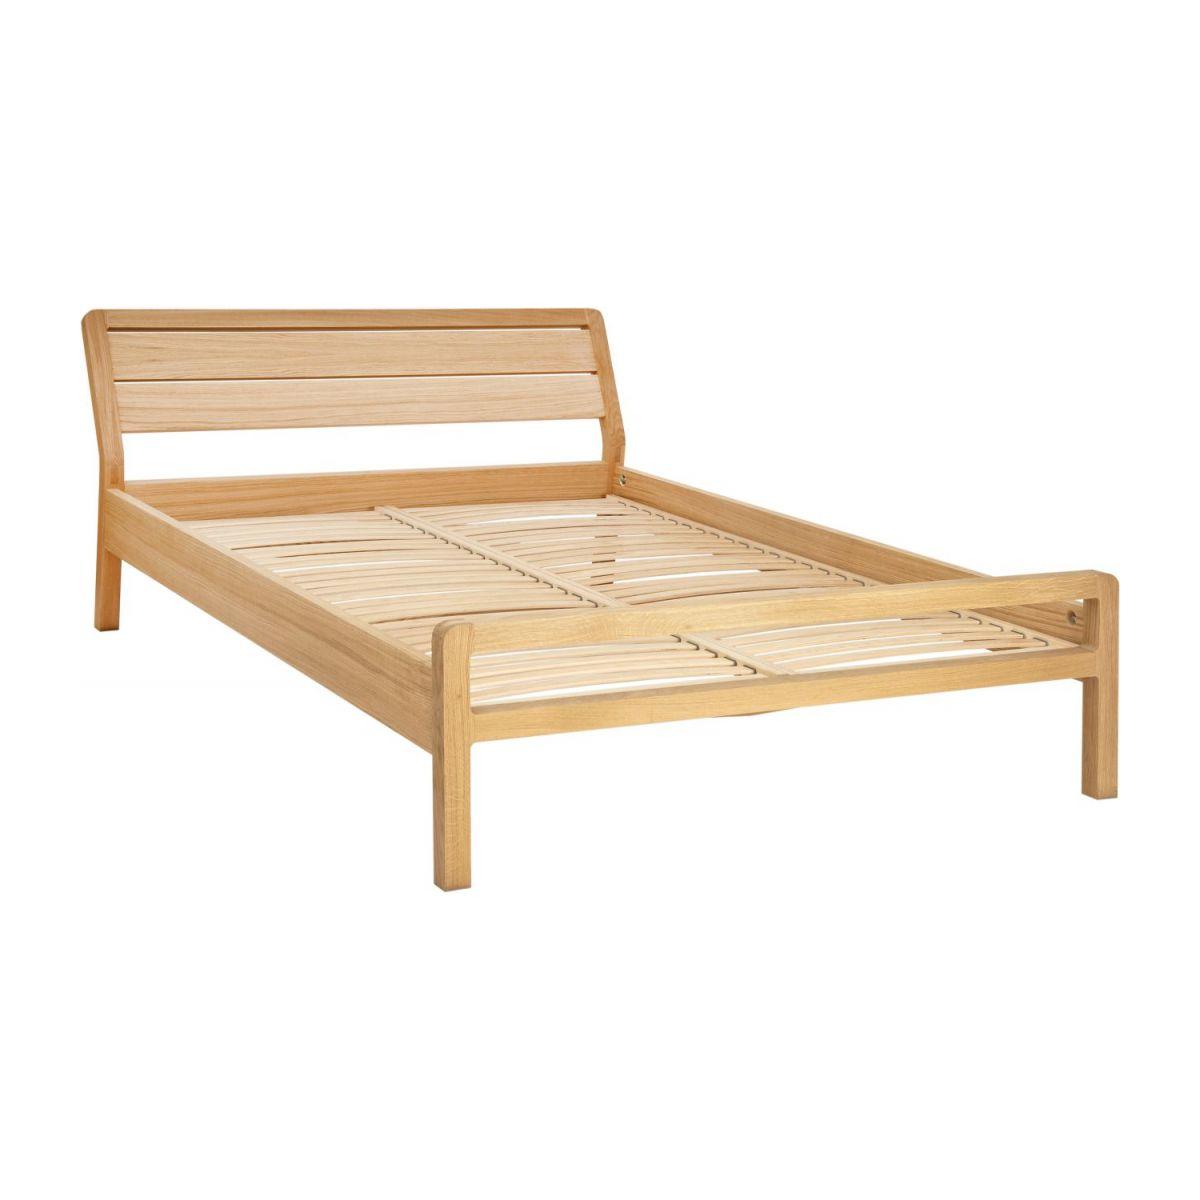 Full Size of Radus Doppelbett Aus Eiche 140 200 Cm Habitat Bett 120x190 Somnus Betten 120x200 Mit Matratze Und Lattenrost Modern Design Schwarzes Einfaches Selber Bauen Bett 140x200 Bett